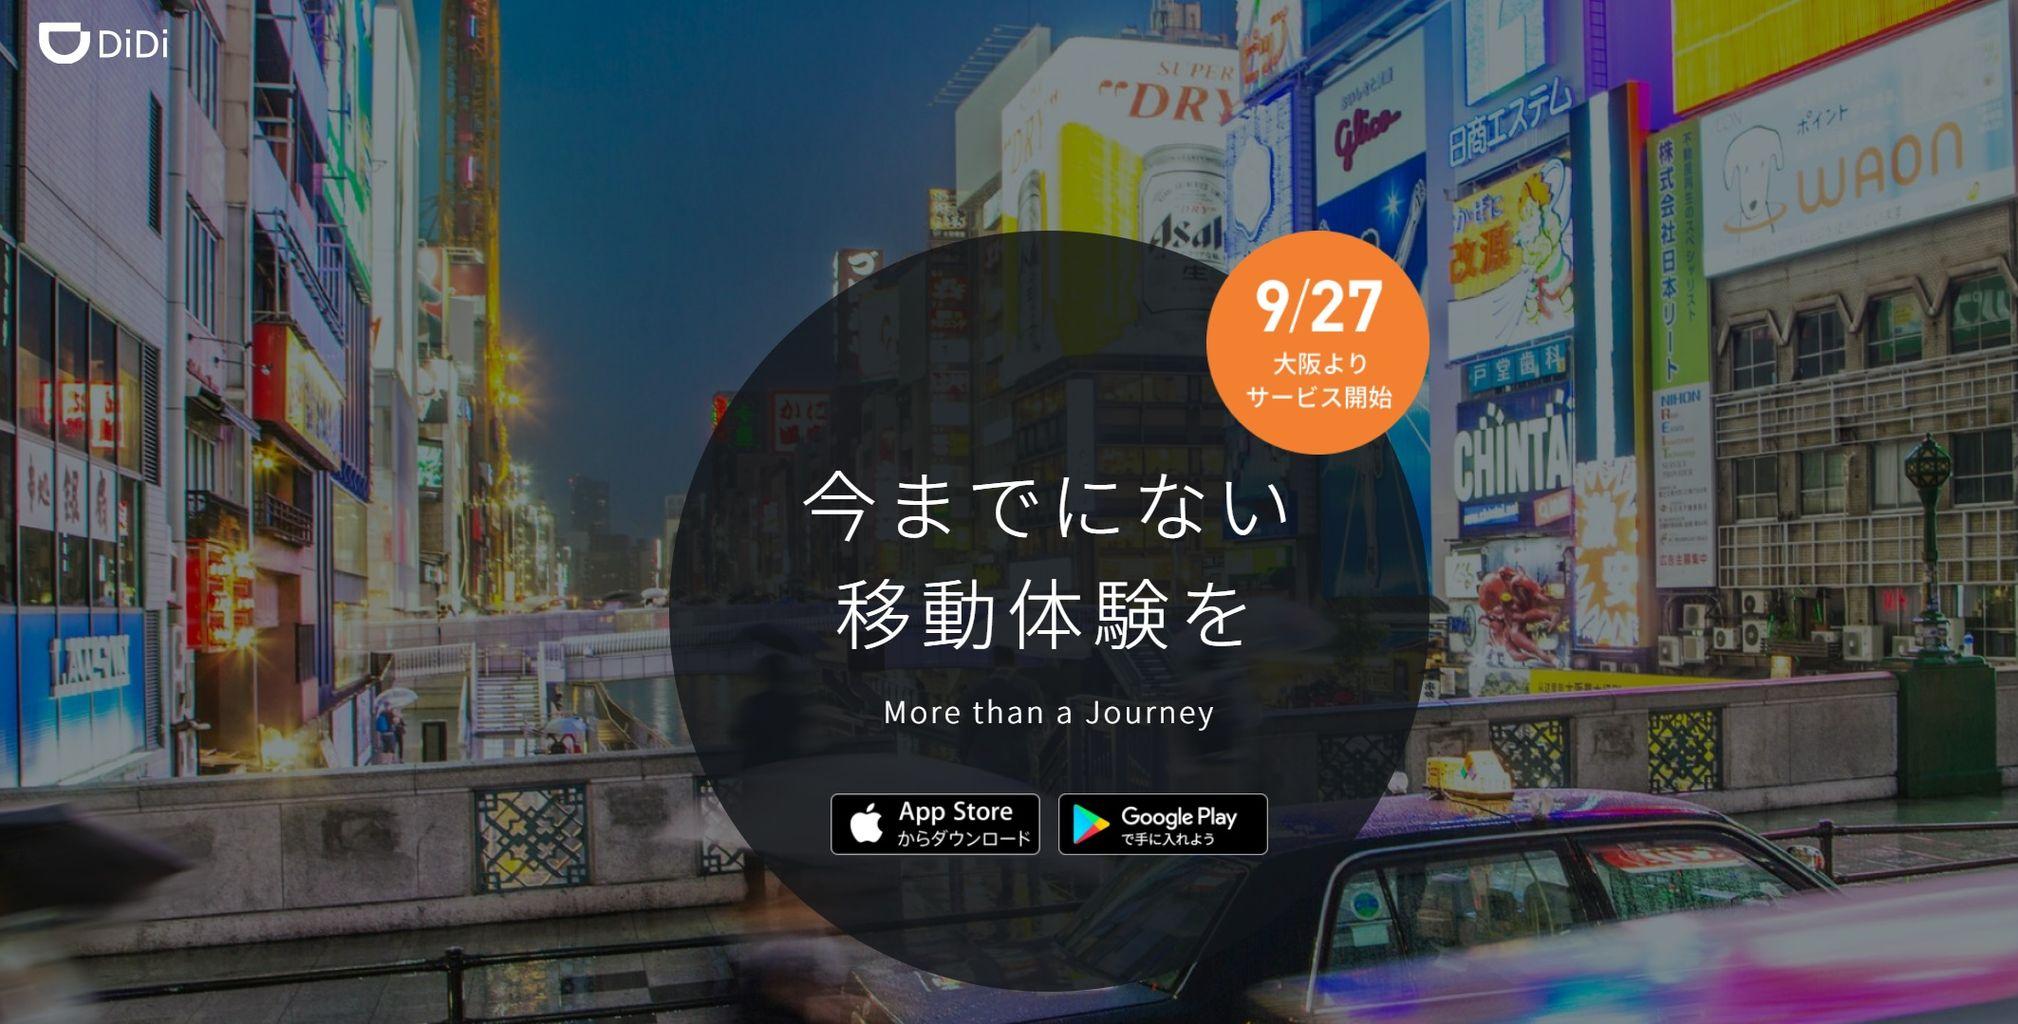 大阪、東京で使えるタクシー配車アプリ「DiDi」!クーポンで無料で今なら乗れる!!